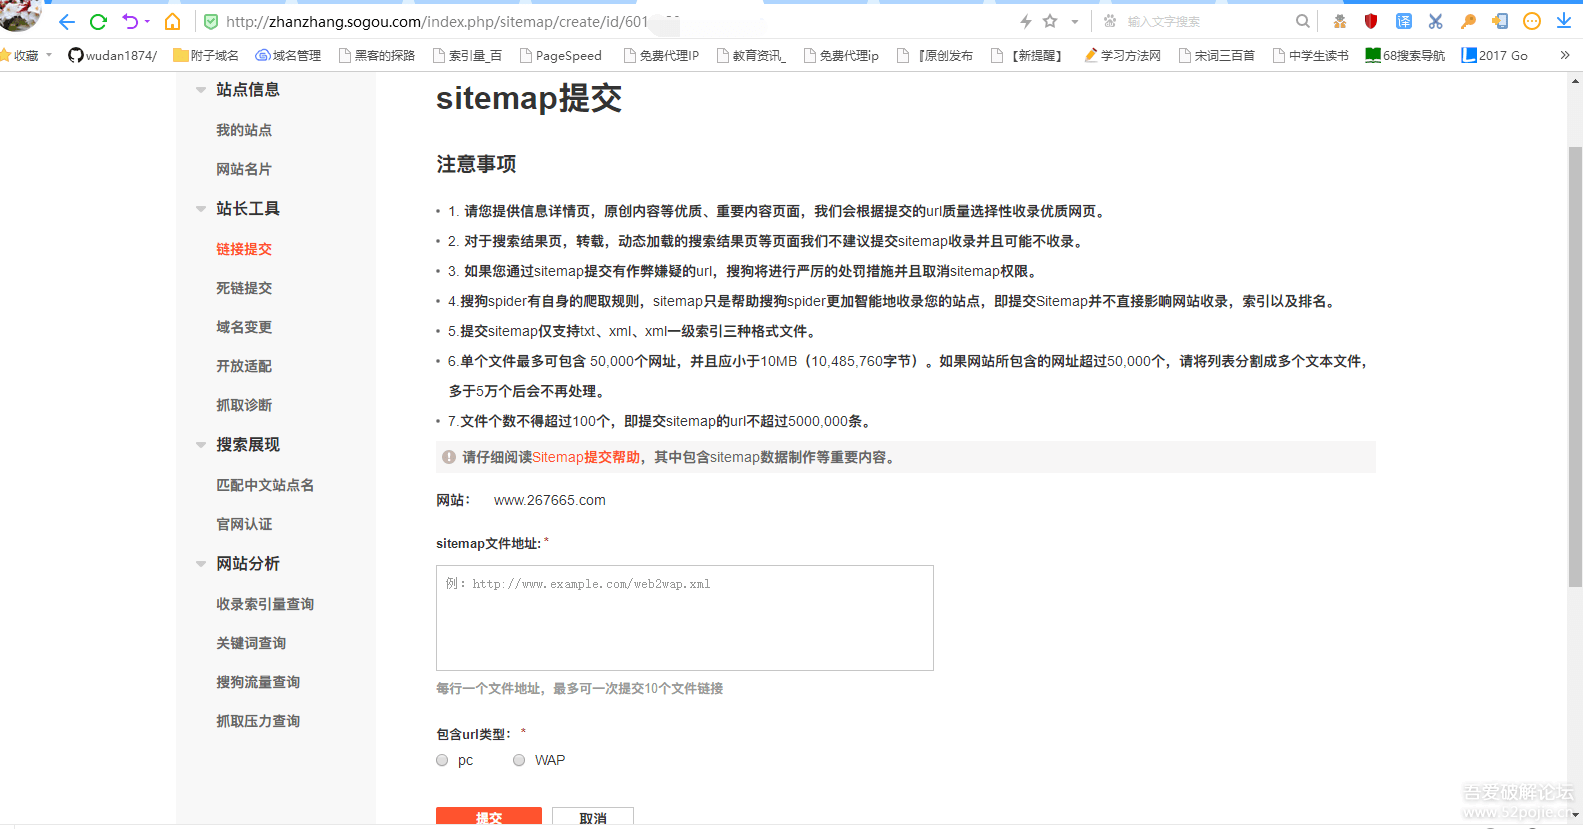 dbeac 153500rlnj3wz7nqcetfr2 【宅技术】搜狗搜索引擎快速收录漏洞技巧分享